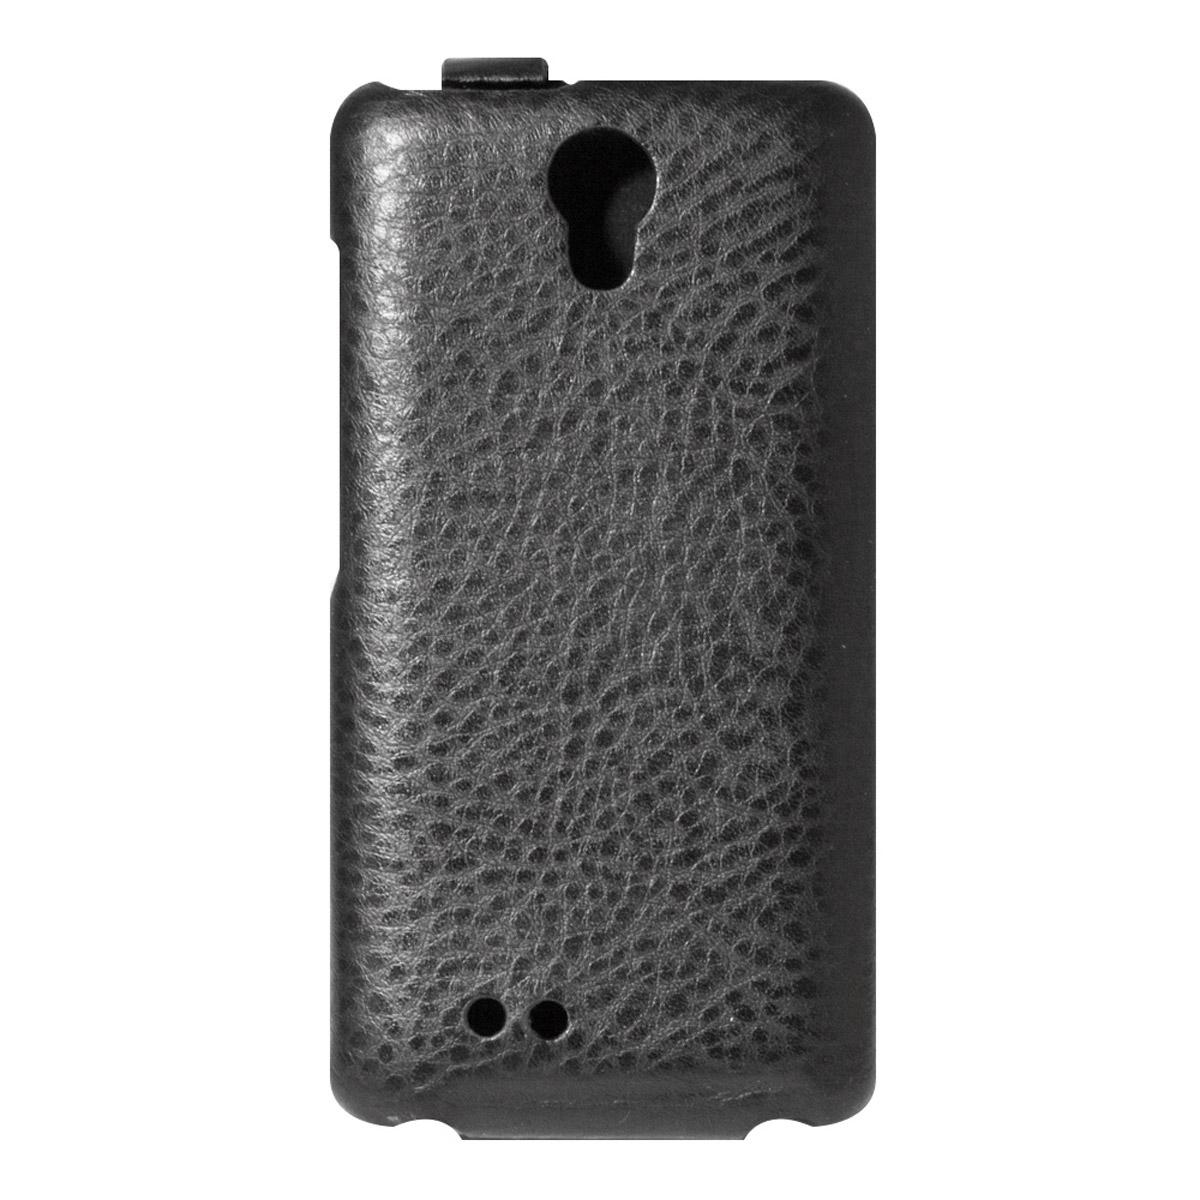 Highscreen чехол для Easy F/Pro, Black23439Чехол с откидной крышкой Highscreen для Easy F/Pro надежно защищает ваш смартфон от внешних воздействий, грязи, пыли, брызг. Он также поможет при ударах и падениях, не позволив образоваться на корпусе царапинам и потертостям. Чехол обеспечивает свободный доступ ко всем функциональным кнопкам смартфона и камере.